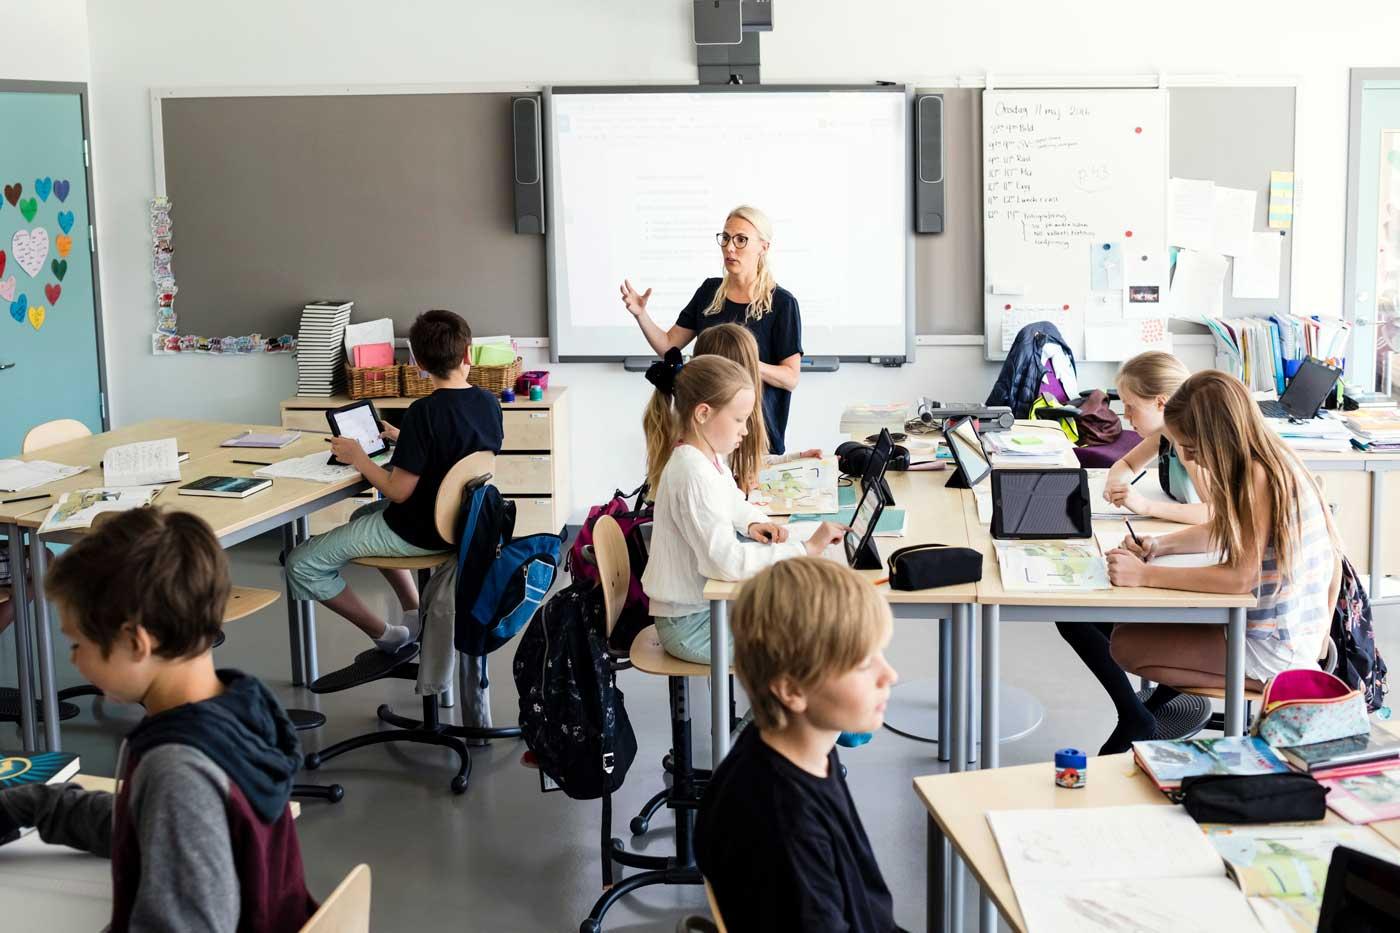 Обучение в австралии для русских на всех уровнях образования